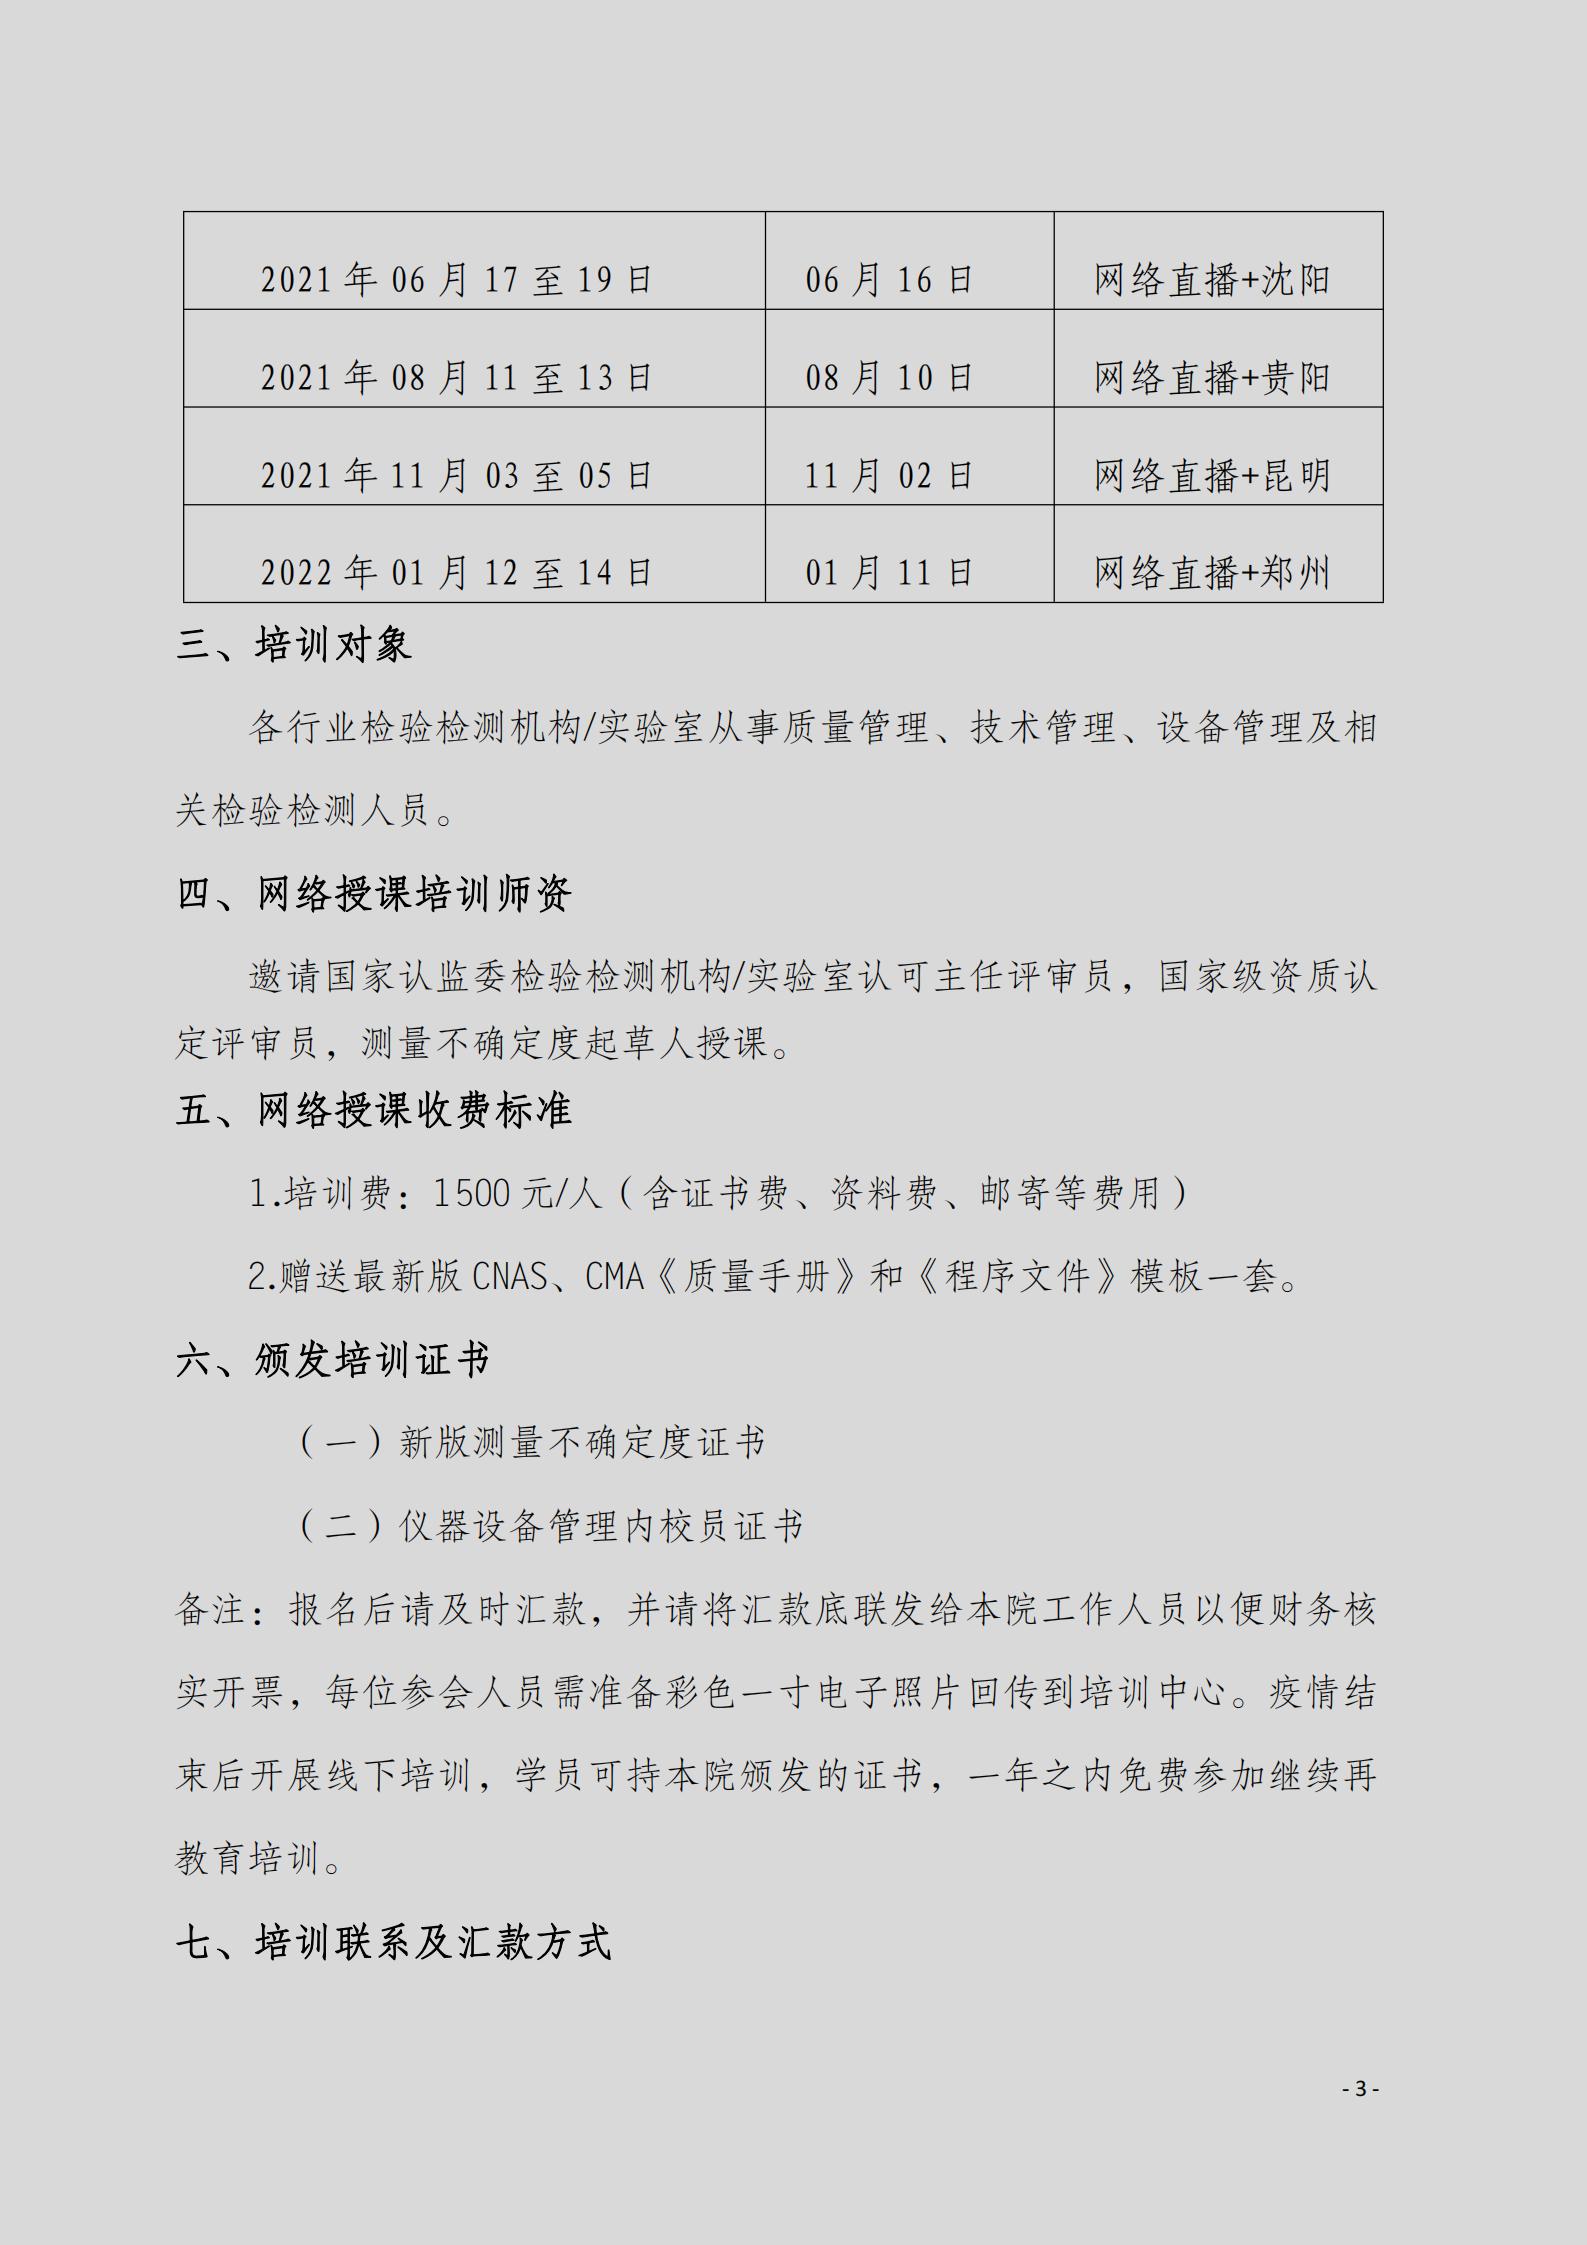 2021年测量不确定度-林海_02.png